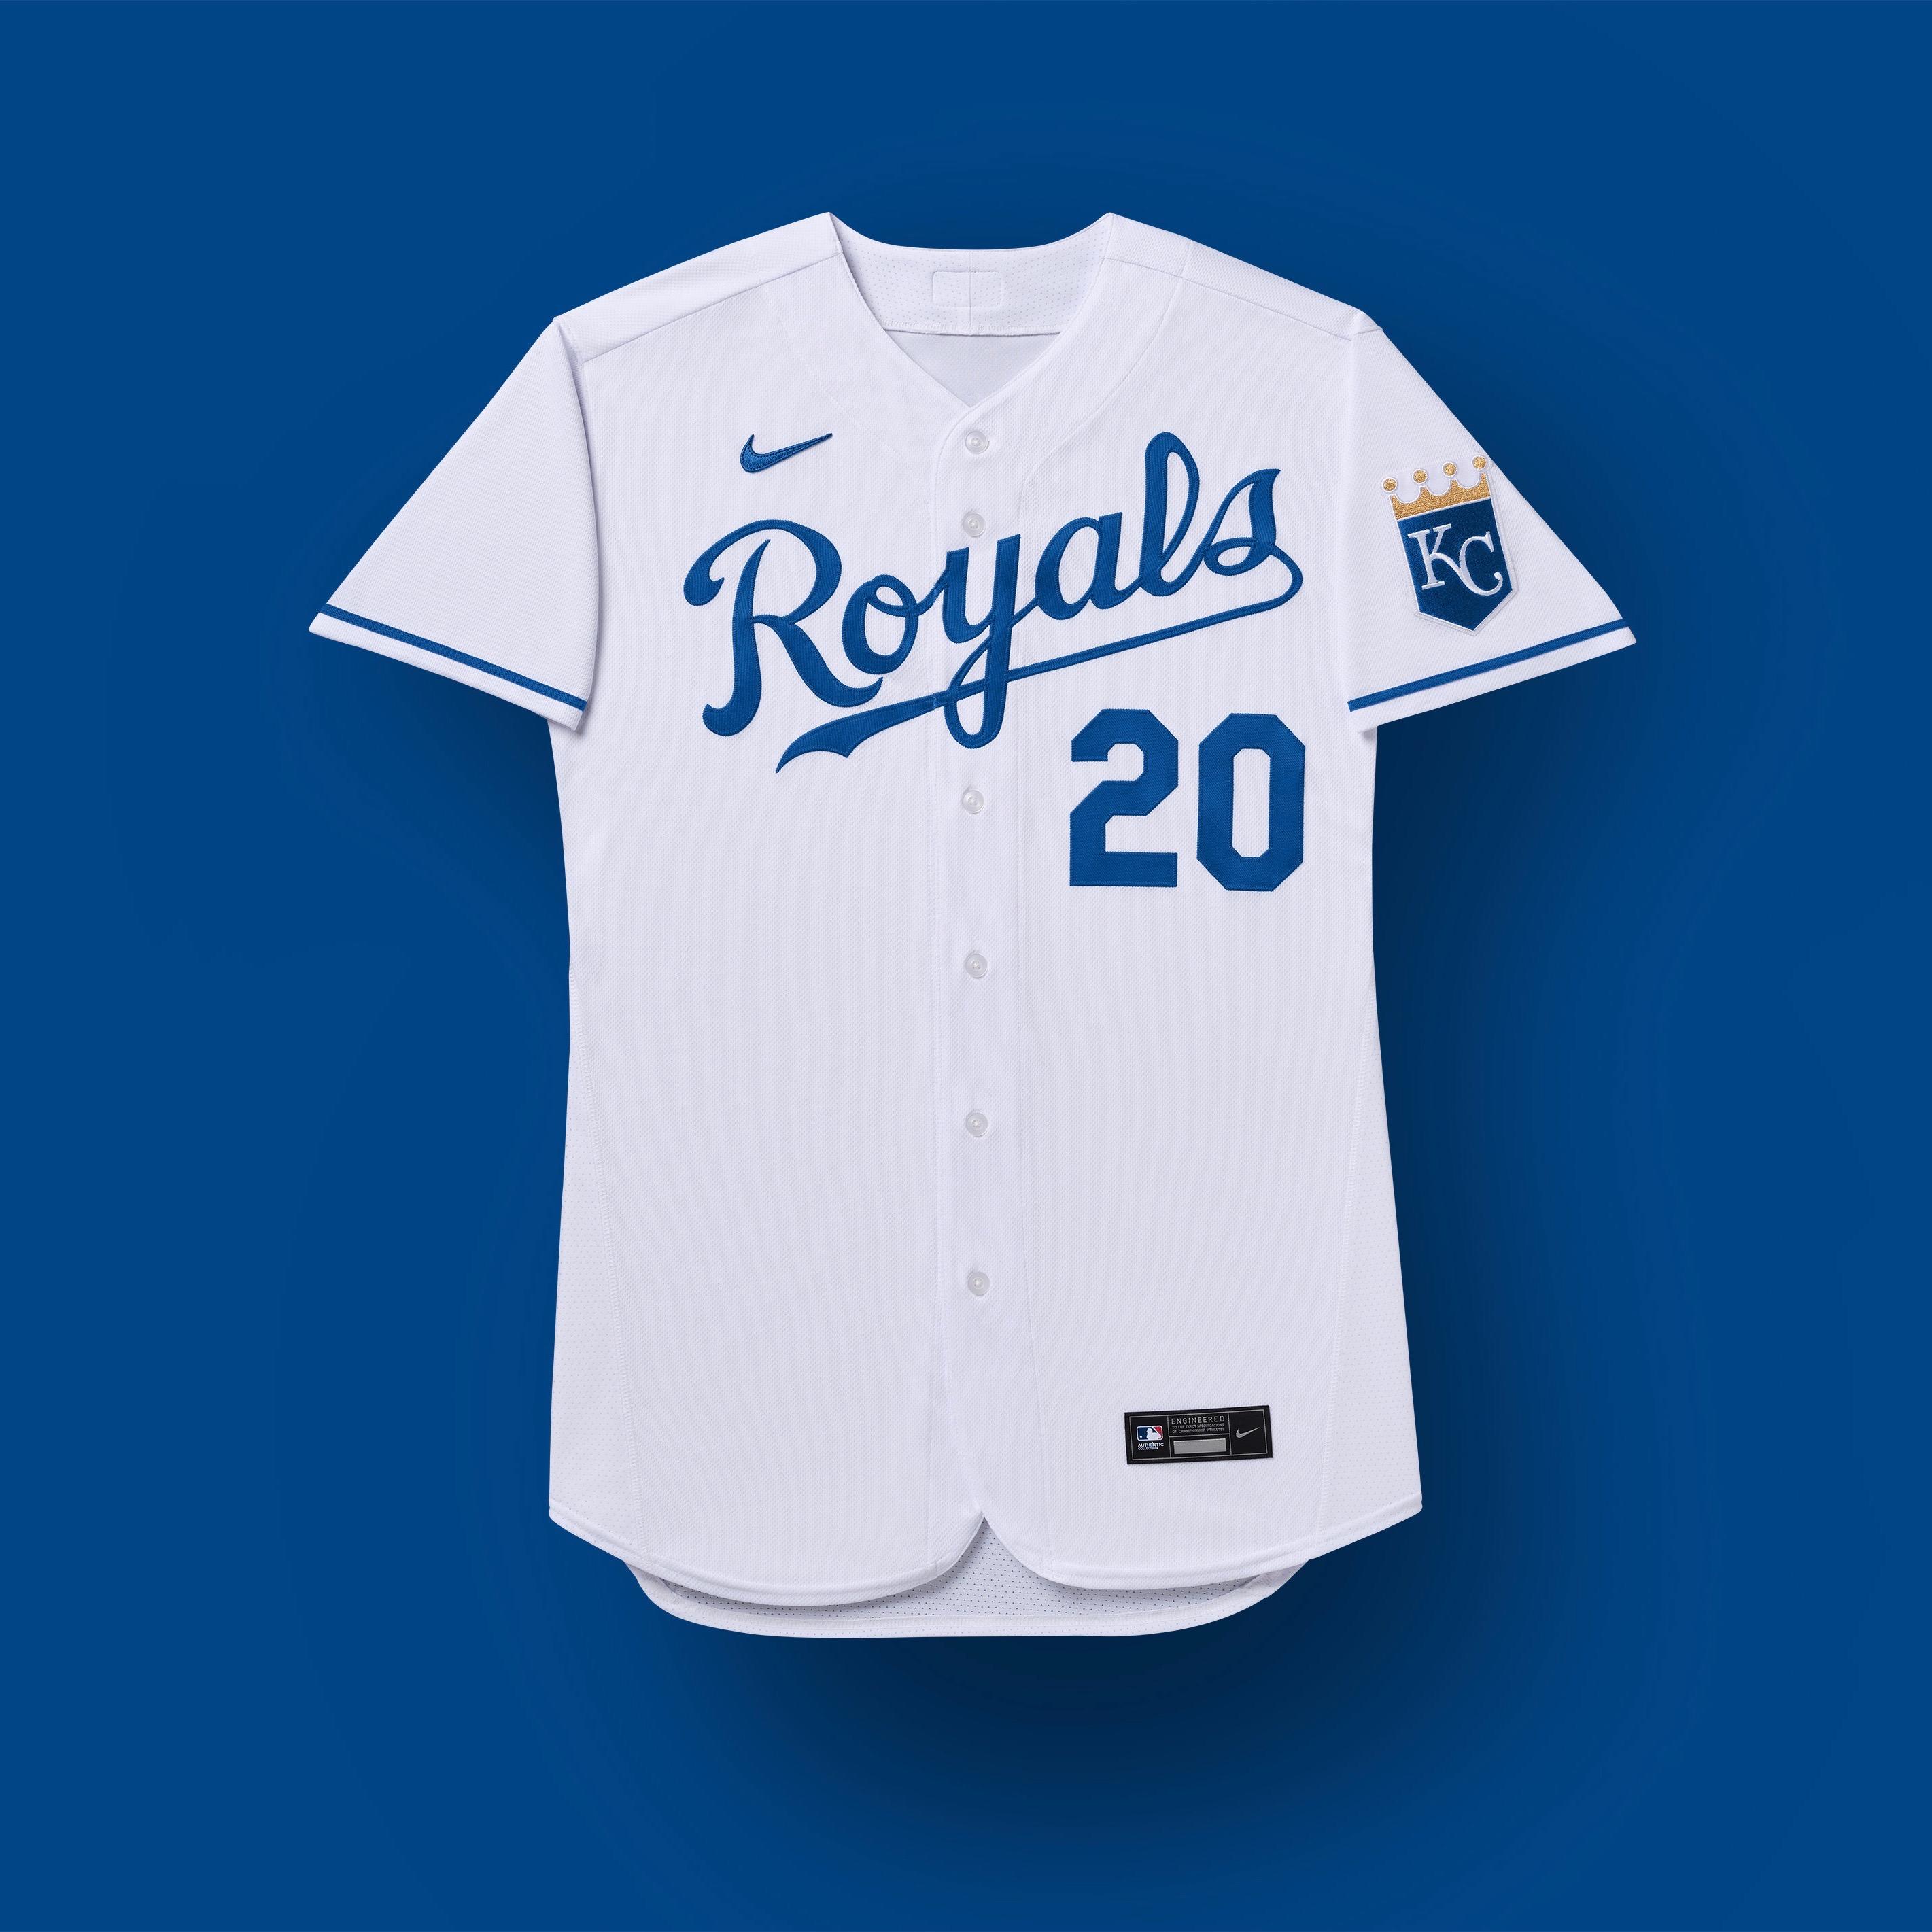 uniformes de kansas city royals 2020